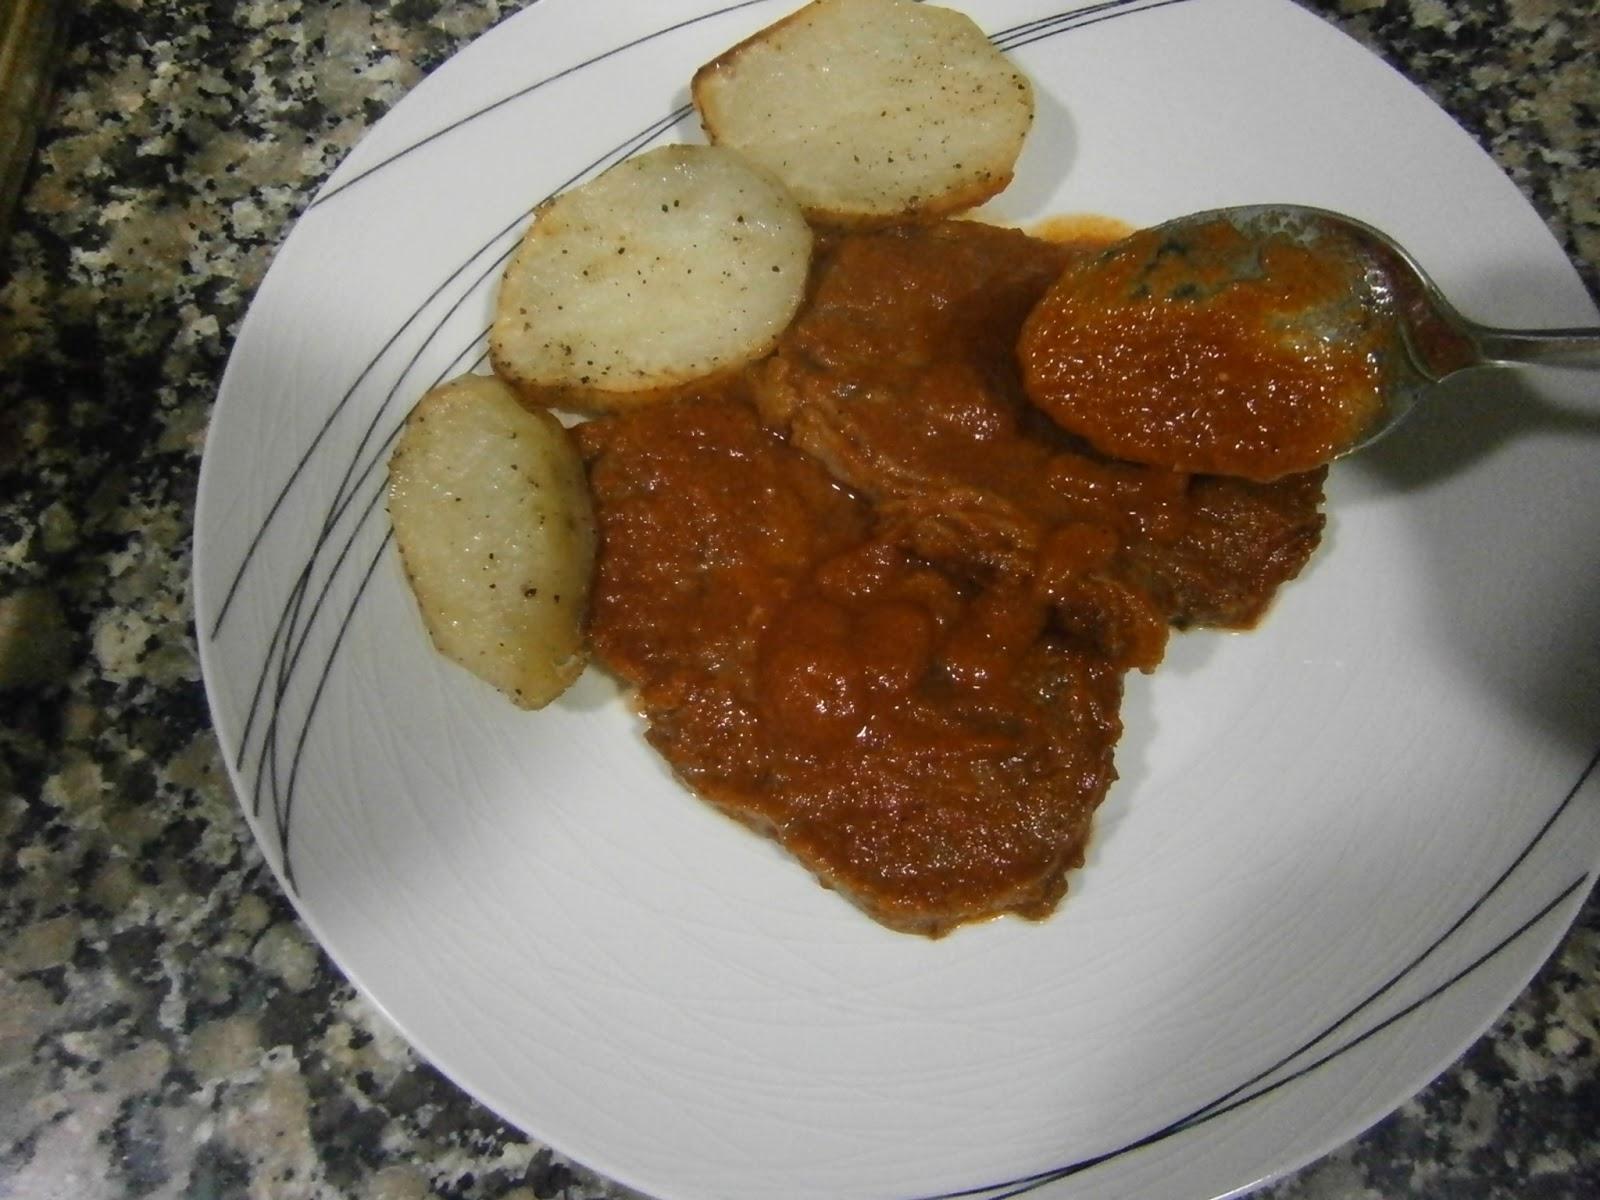 Osukaa is cooking redondo de ternera al horno con salsa - Salsa para verduras al horno ...